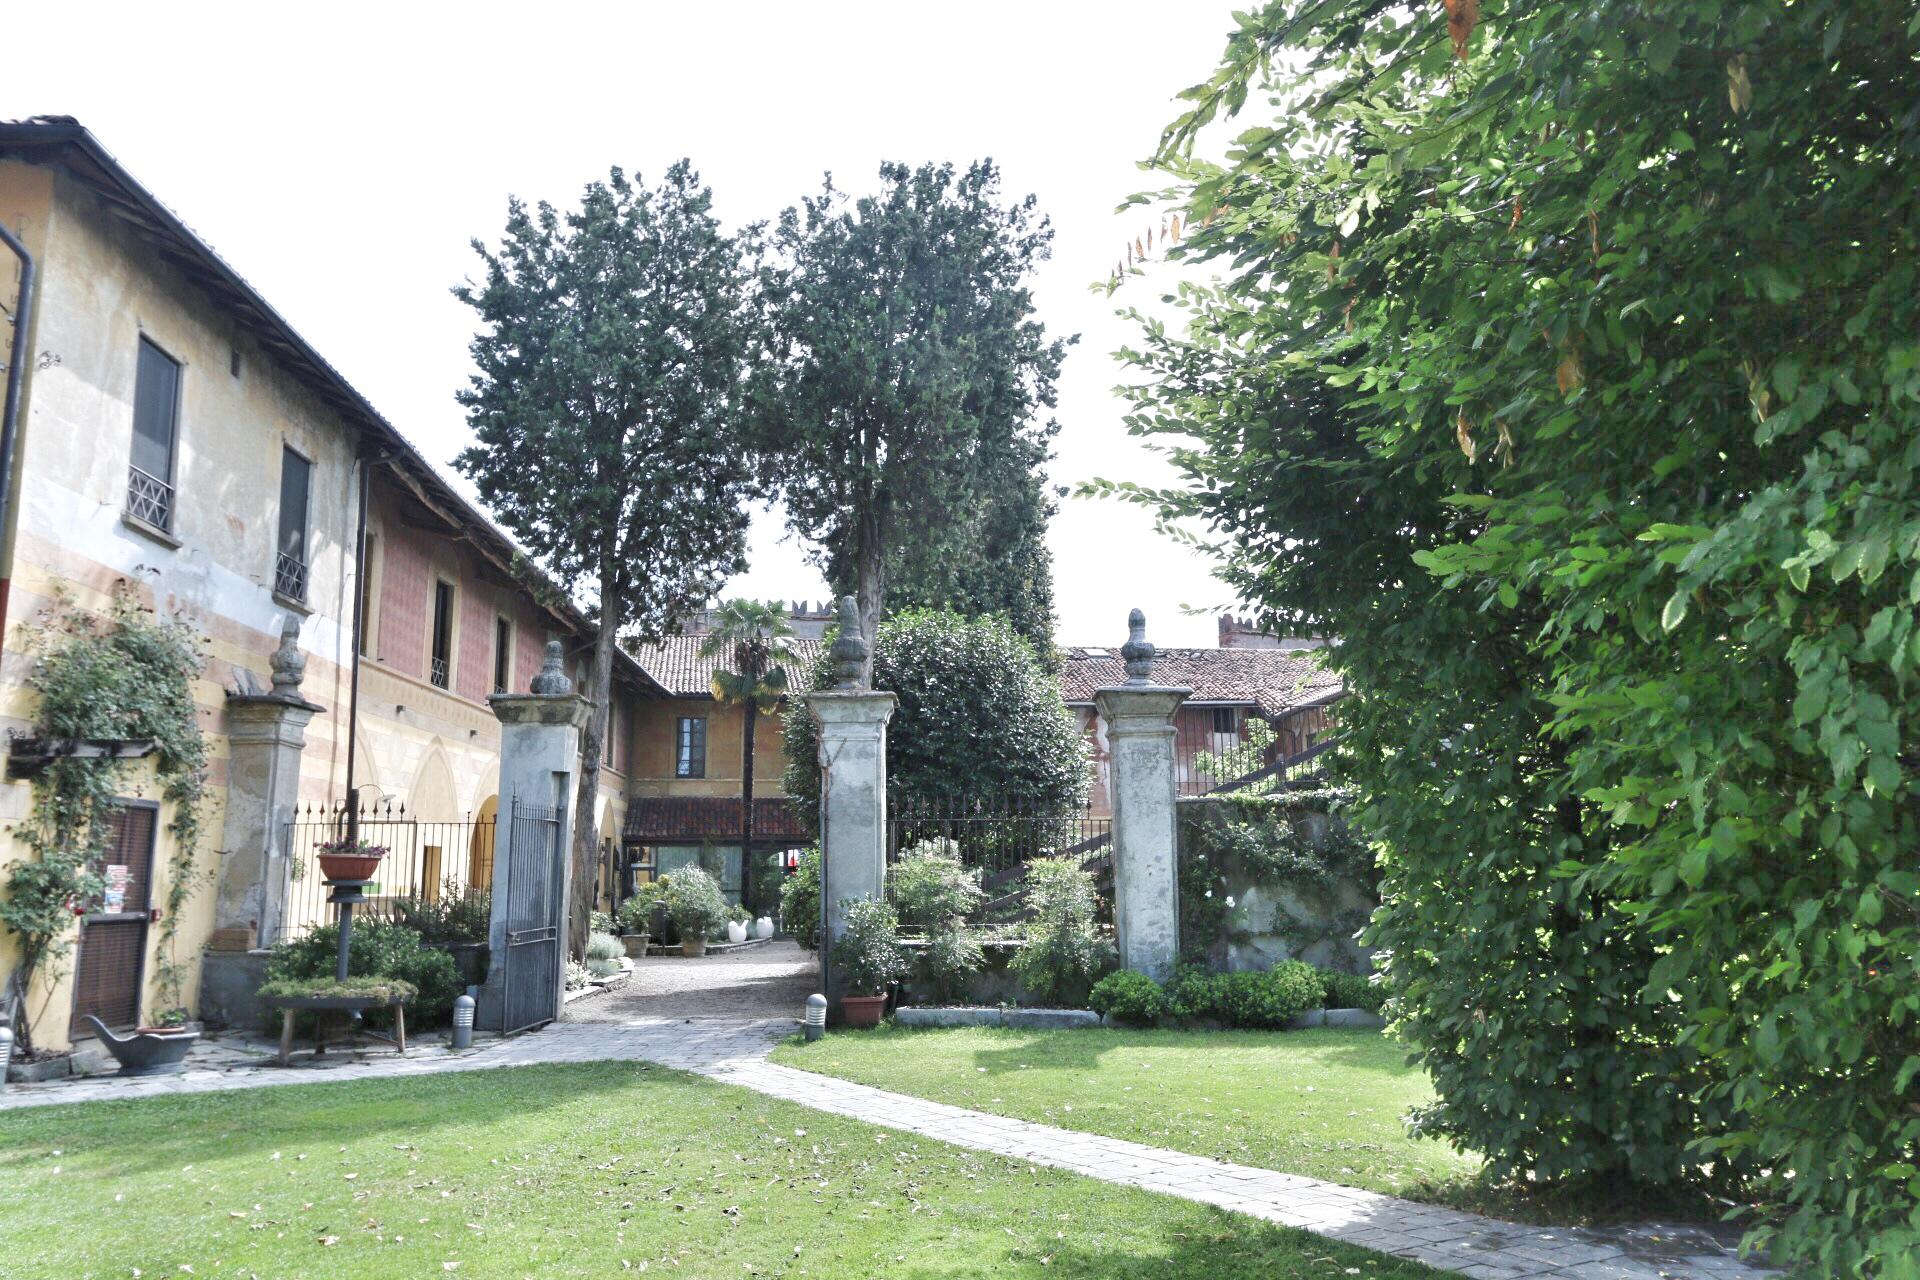 Castello_Sillavengo11